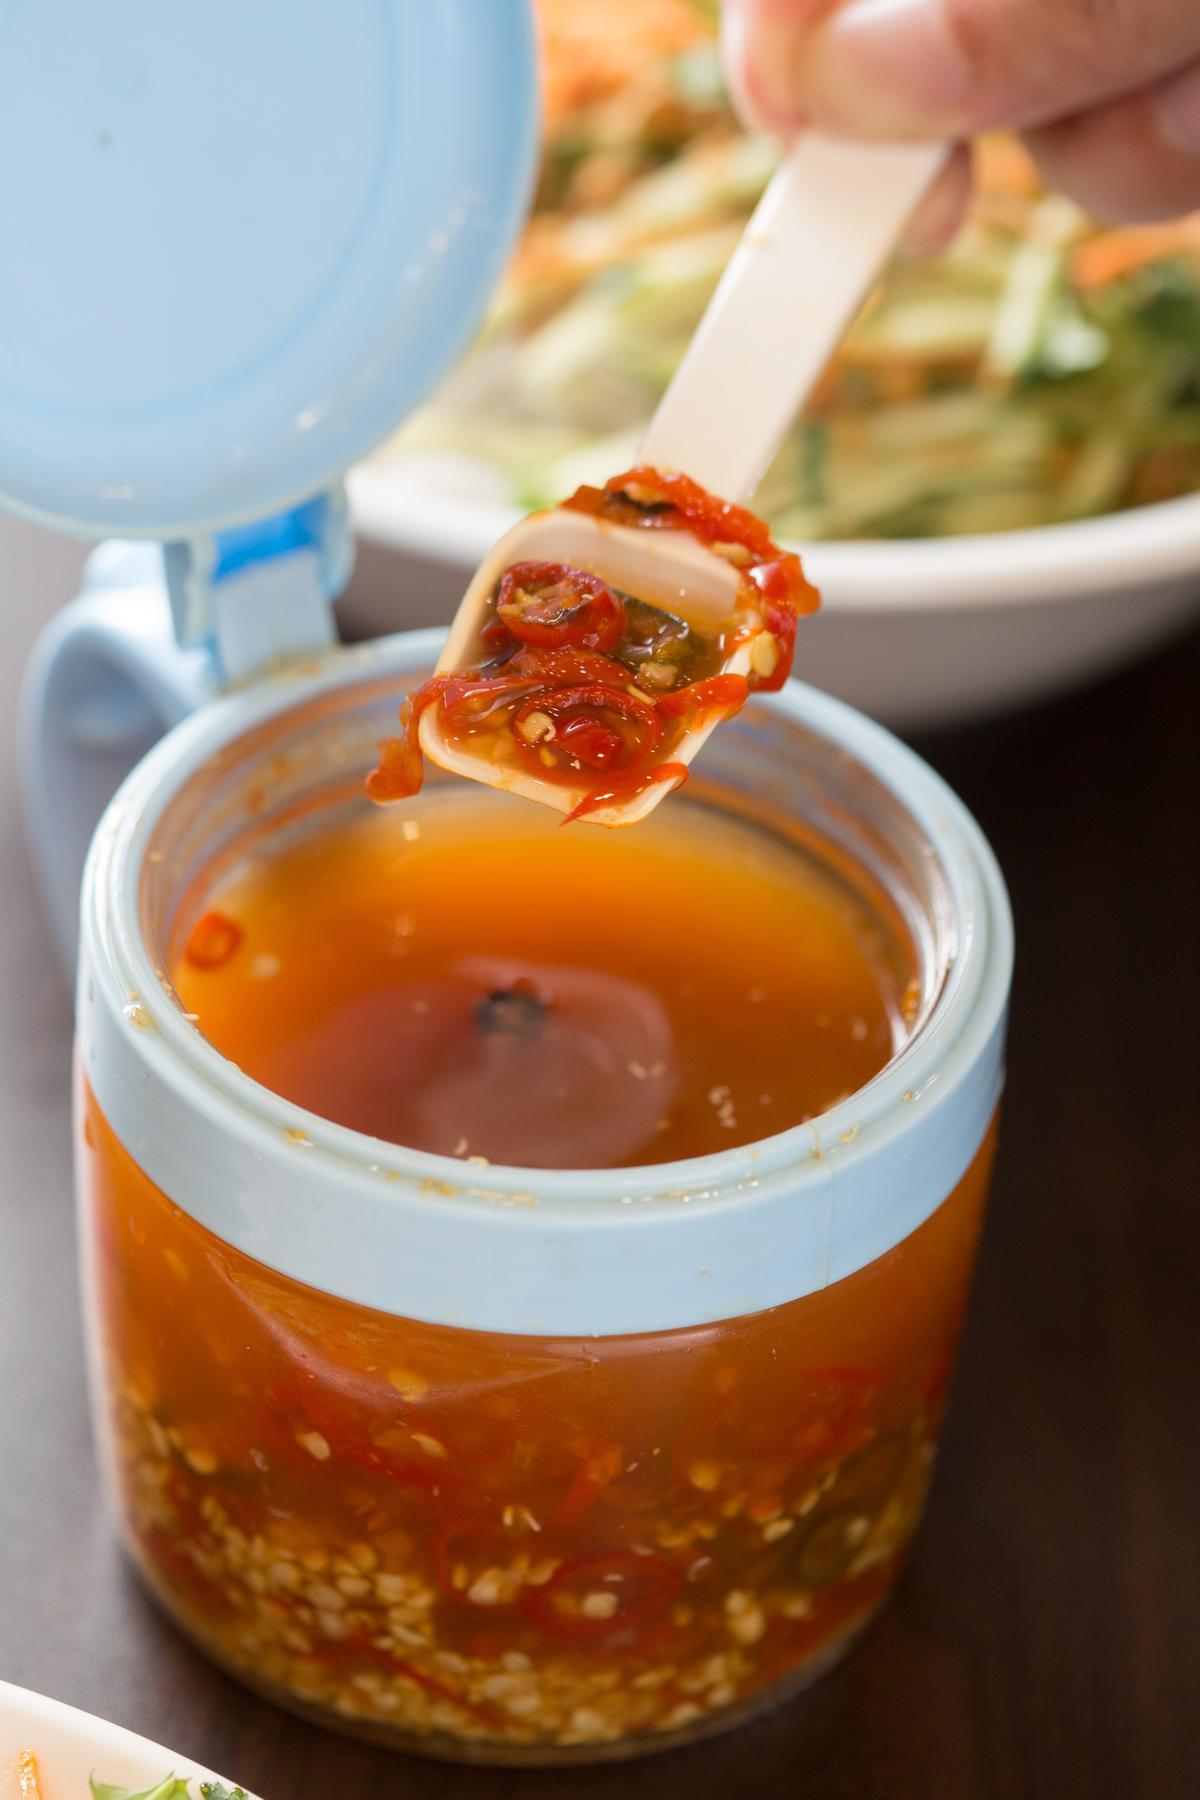 在麵食或小菜裡加點「醋泡酸辣椒」,香辣酸溜更開胃。